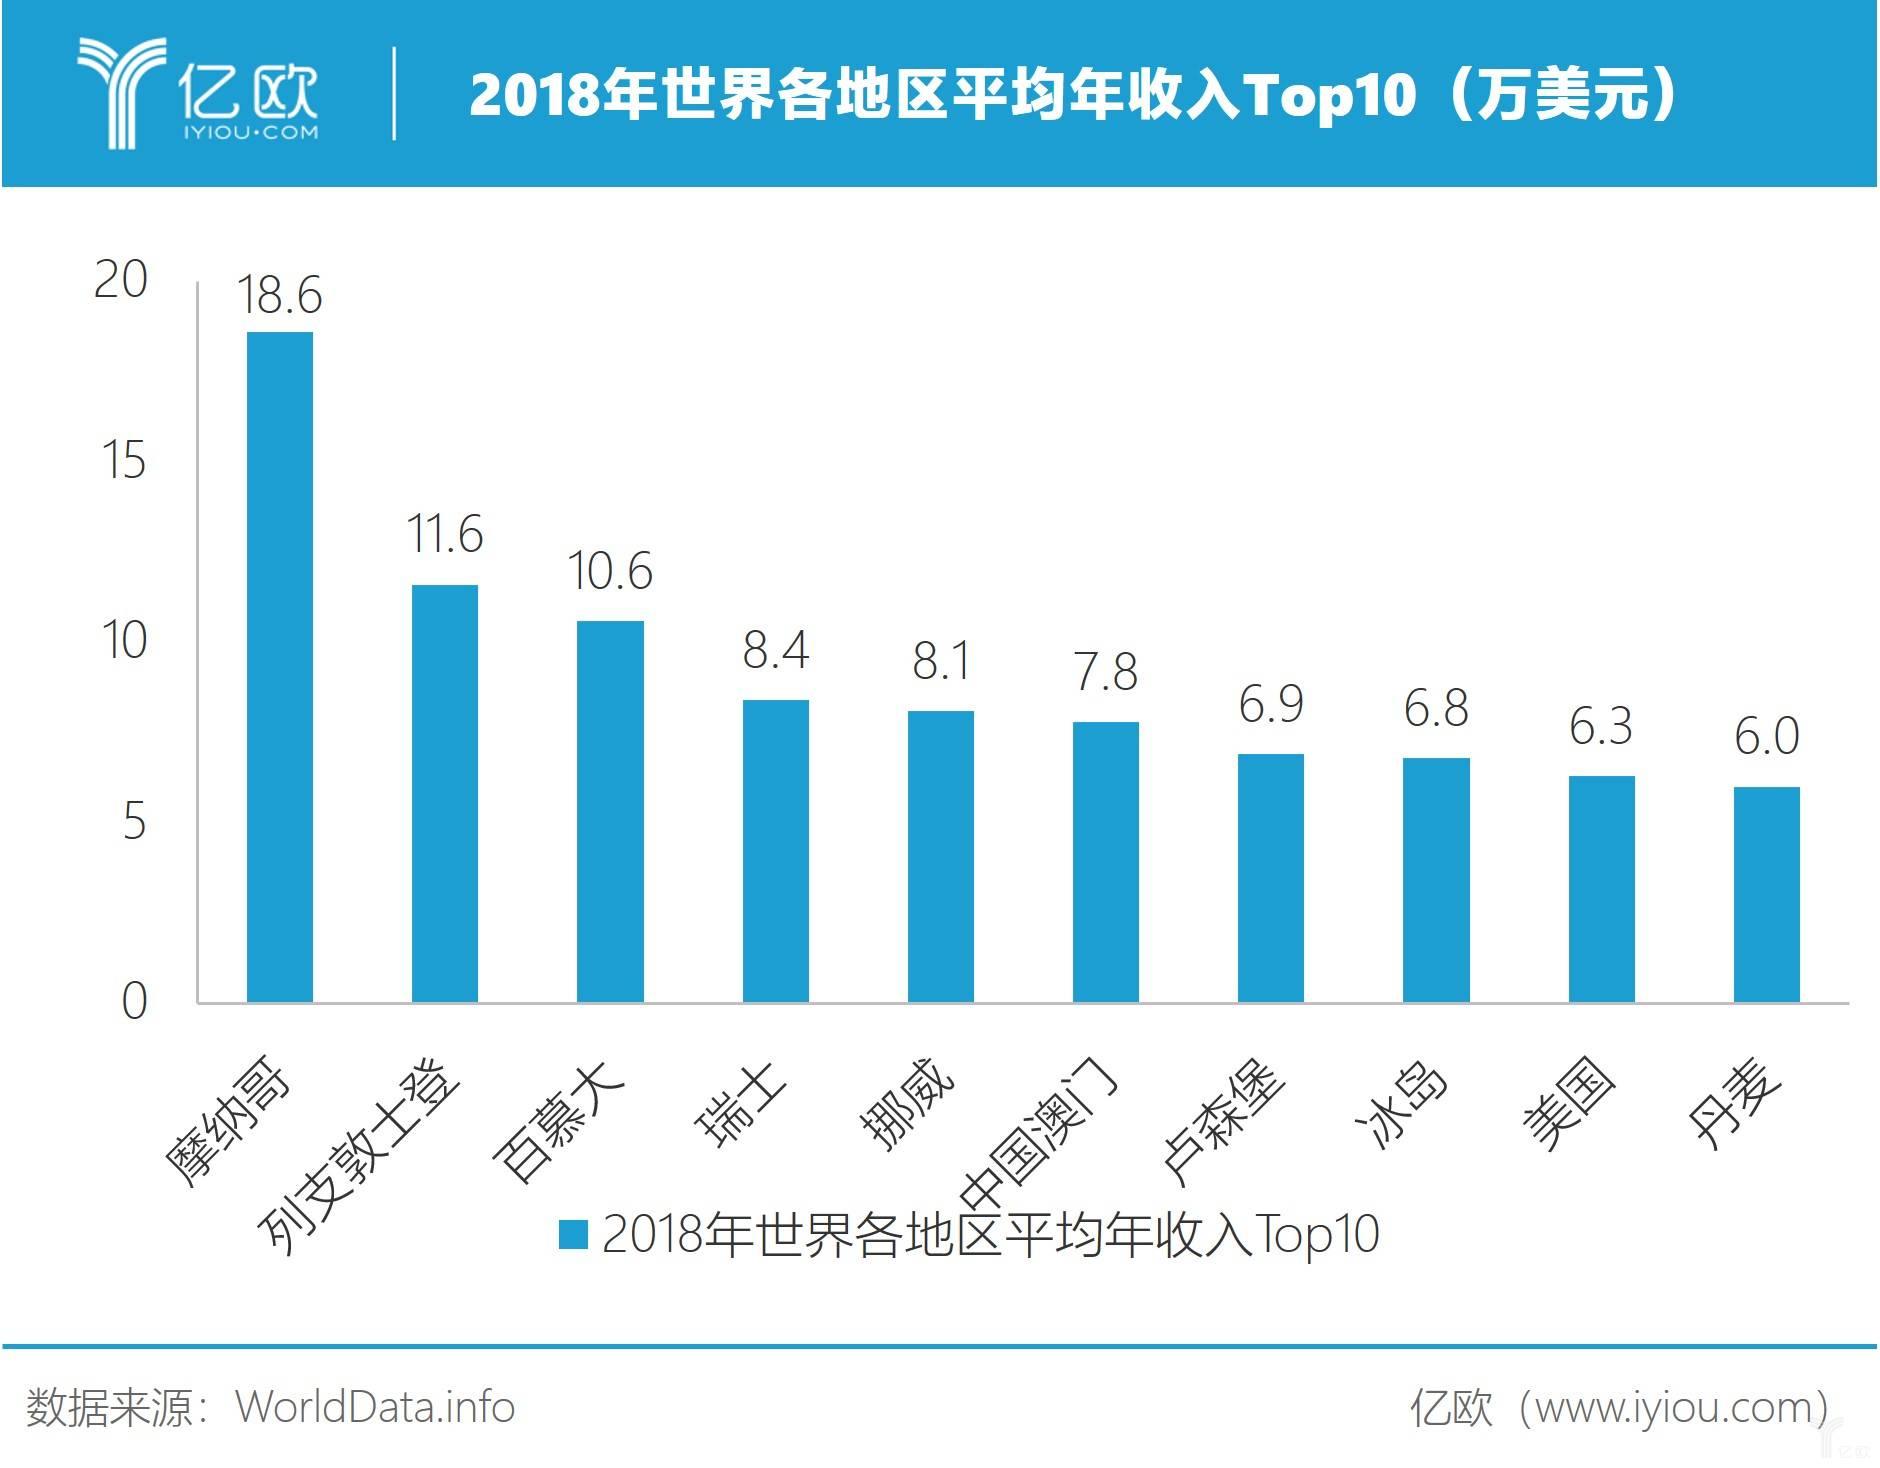 2018年世界各地区平均年收入Top10